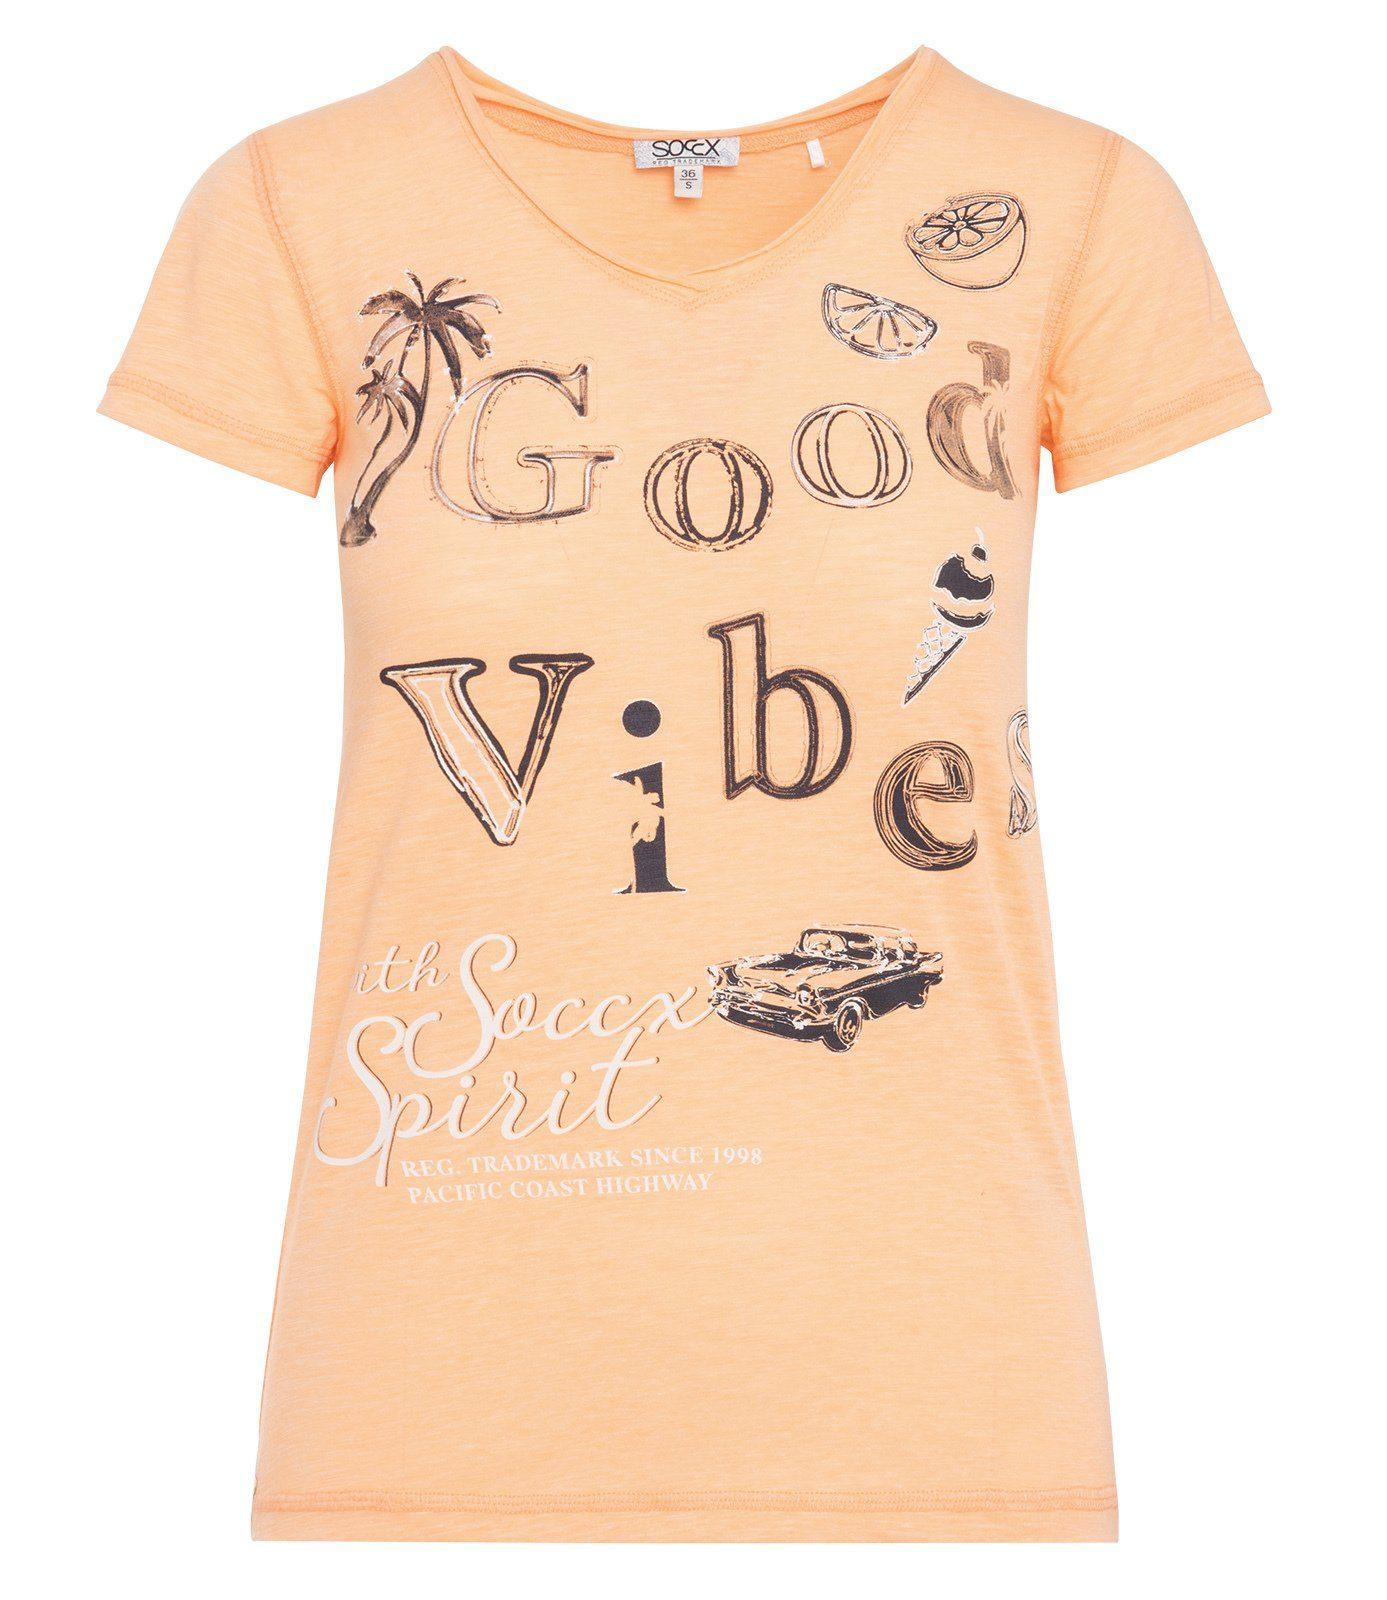 SOCCX T-Shirt mit Overlocknähten